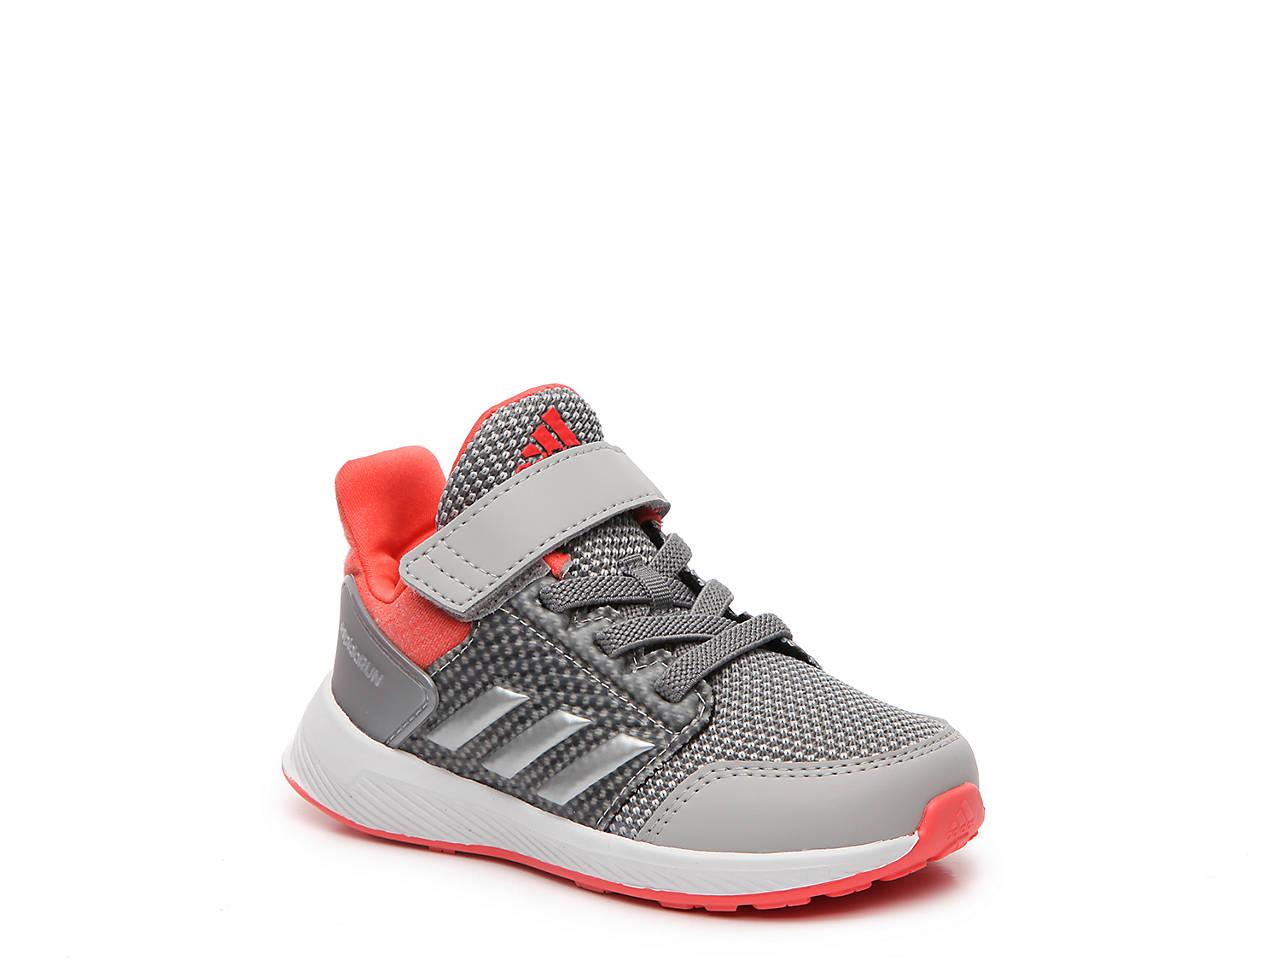 new concept 9d8f2 0d0ce Rapidarun Infant   Toddler Running Shoe